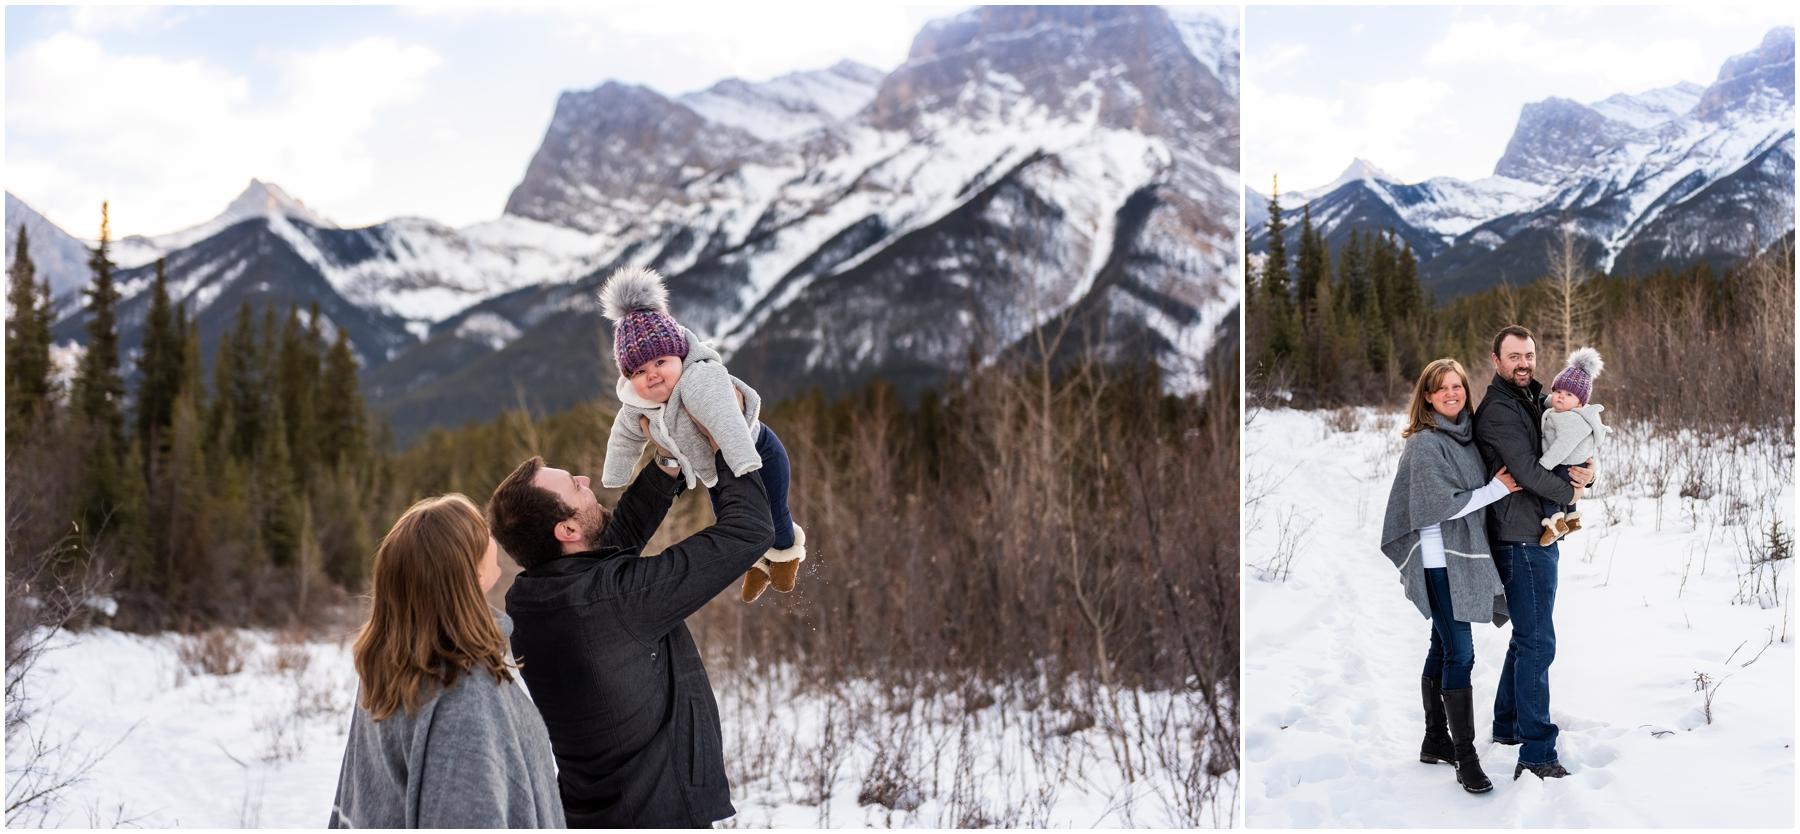 Winter Rocky Mountain Family Photos